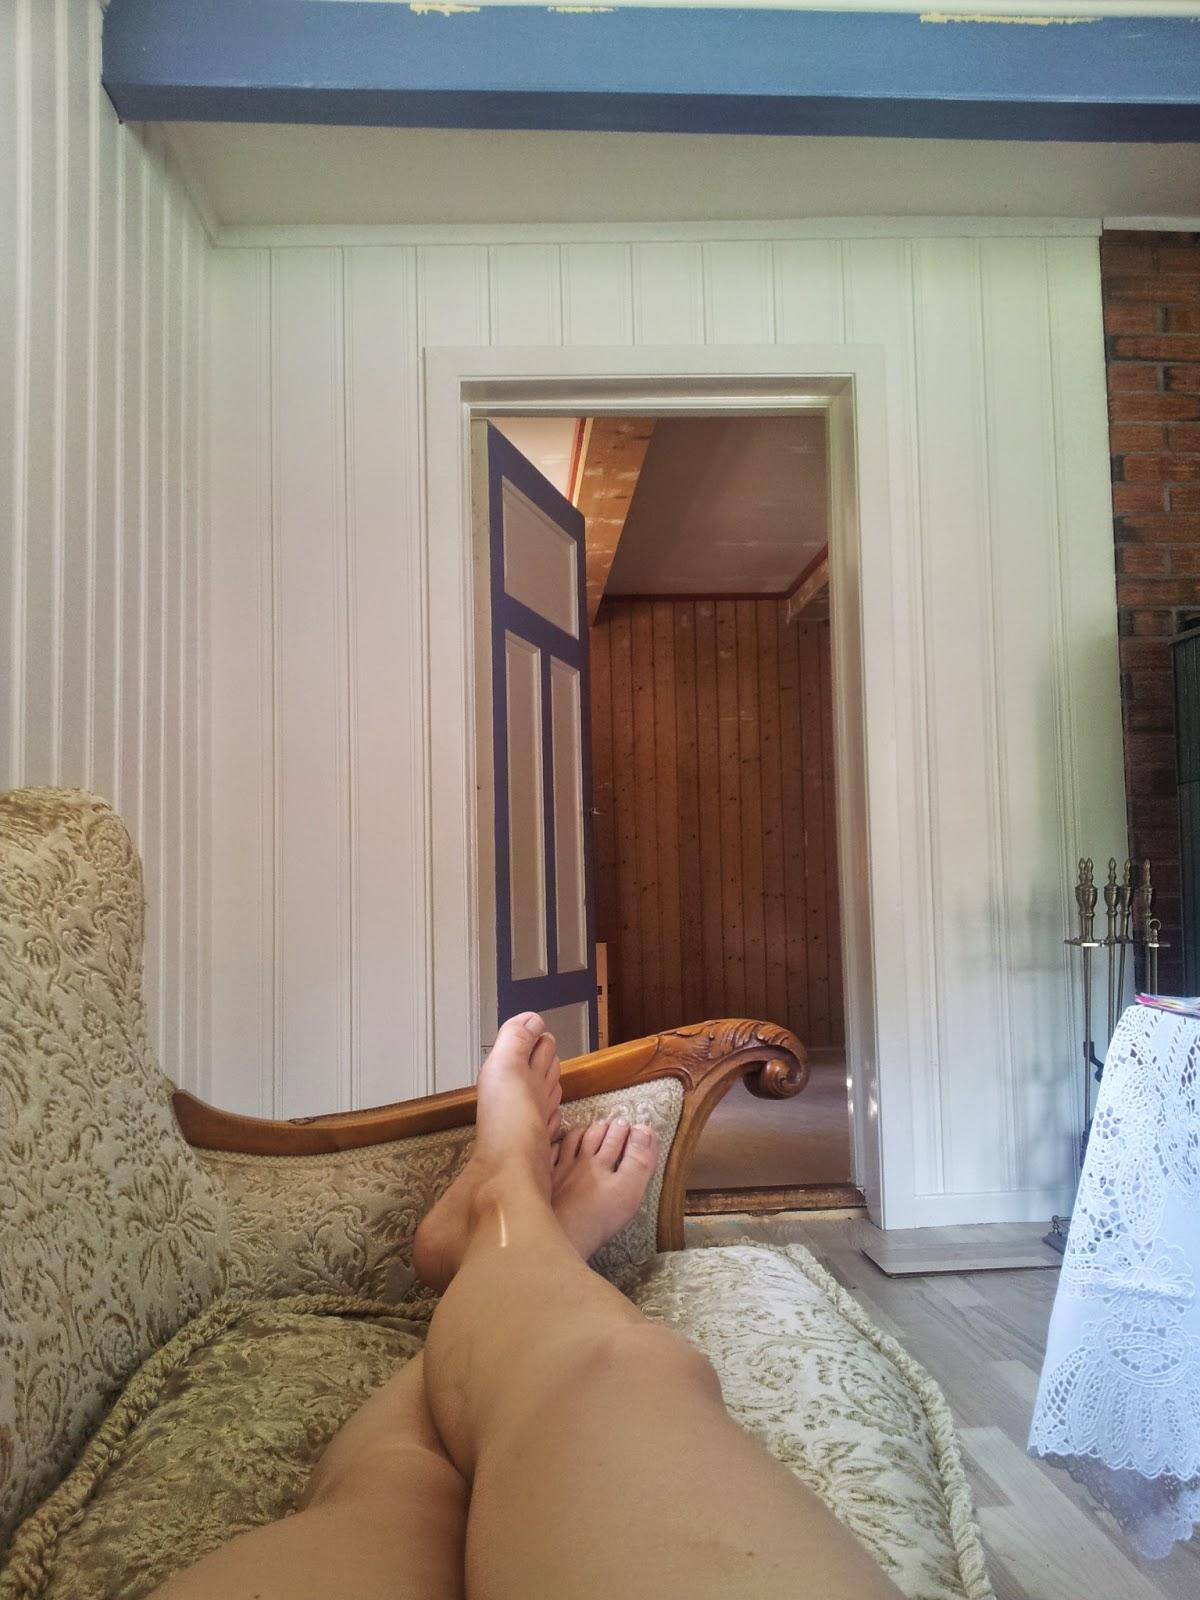 PÃ¥ loftet